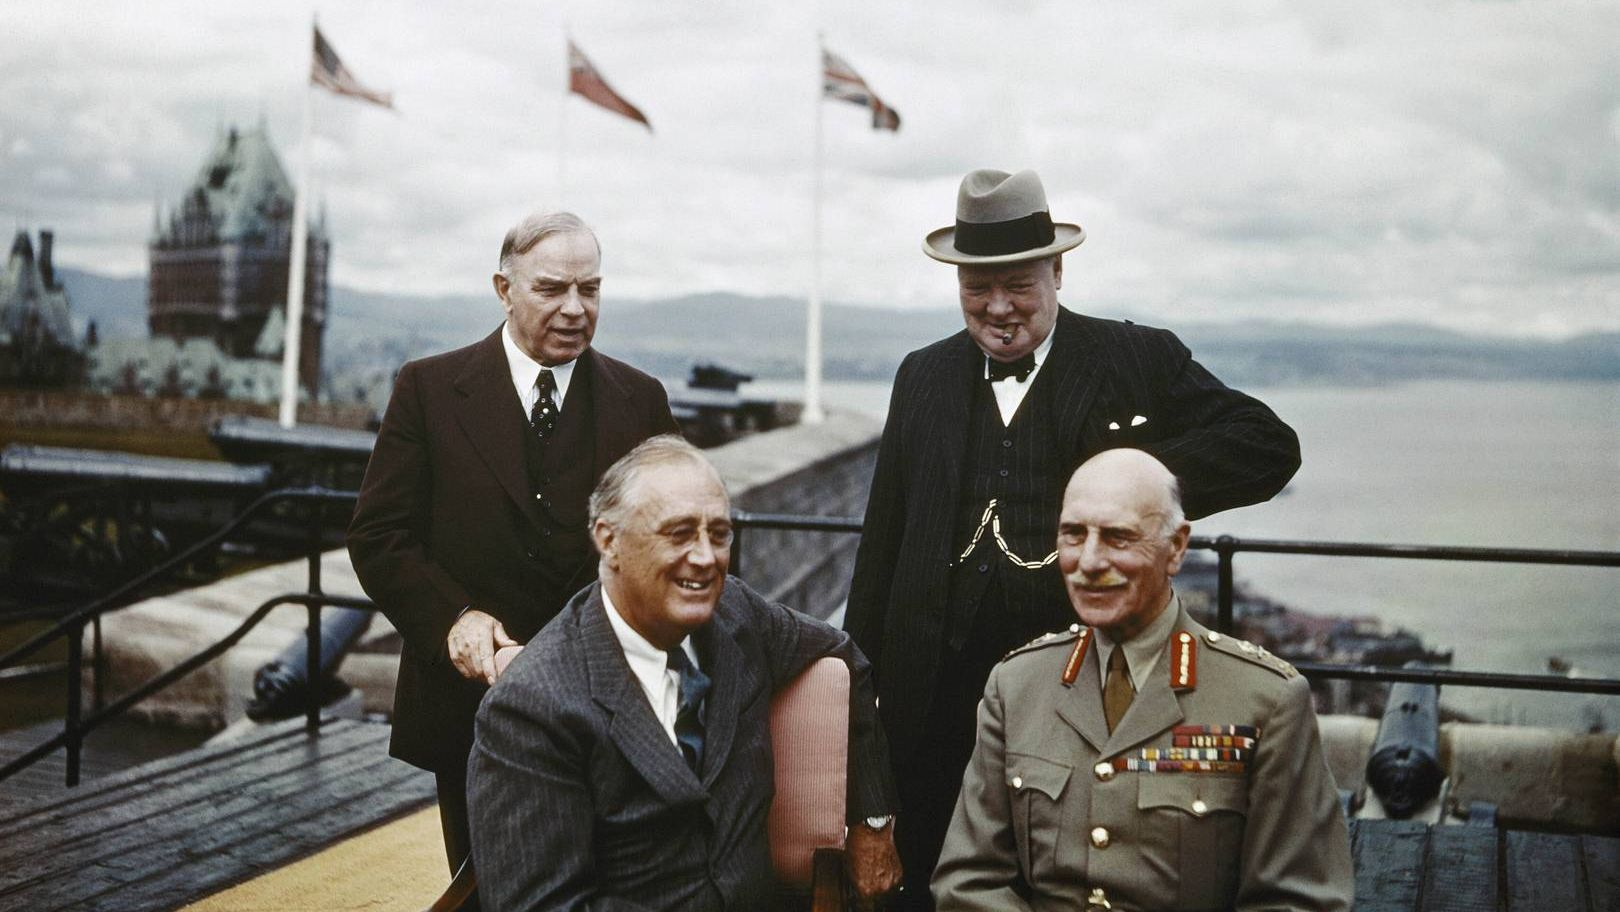 Стоят: Уильям Макензи Кинг и Уинстон Черчилль. Сидят: Франклин Делано Рузвельт и граф Атлон. Квебекская крепость. Август 1943